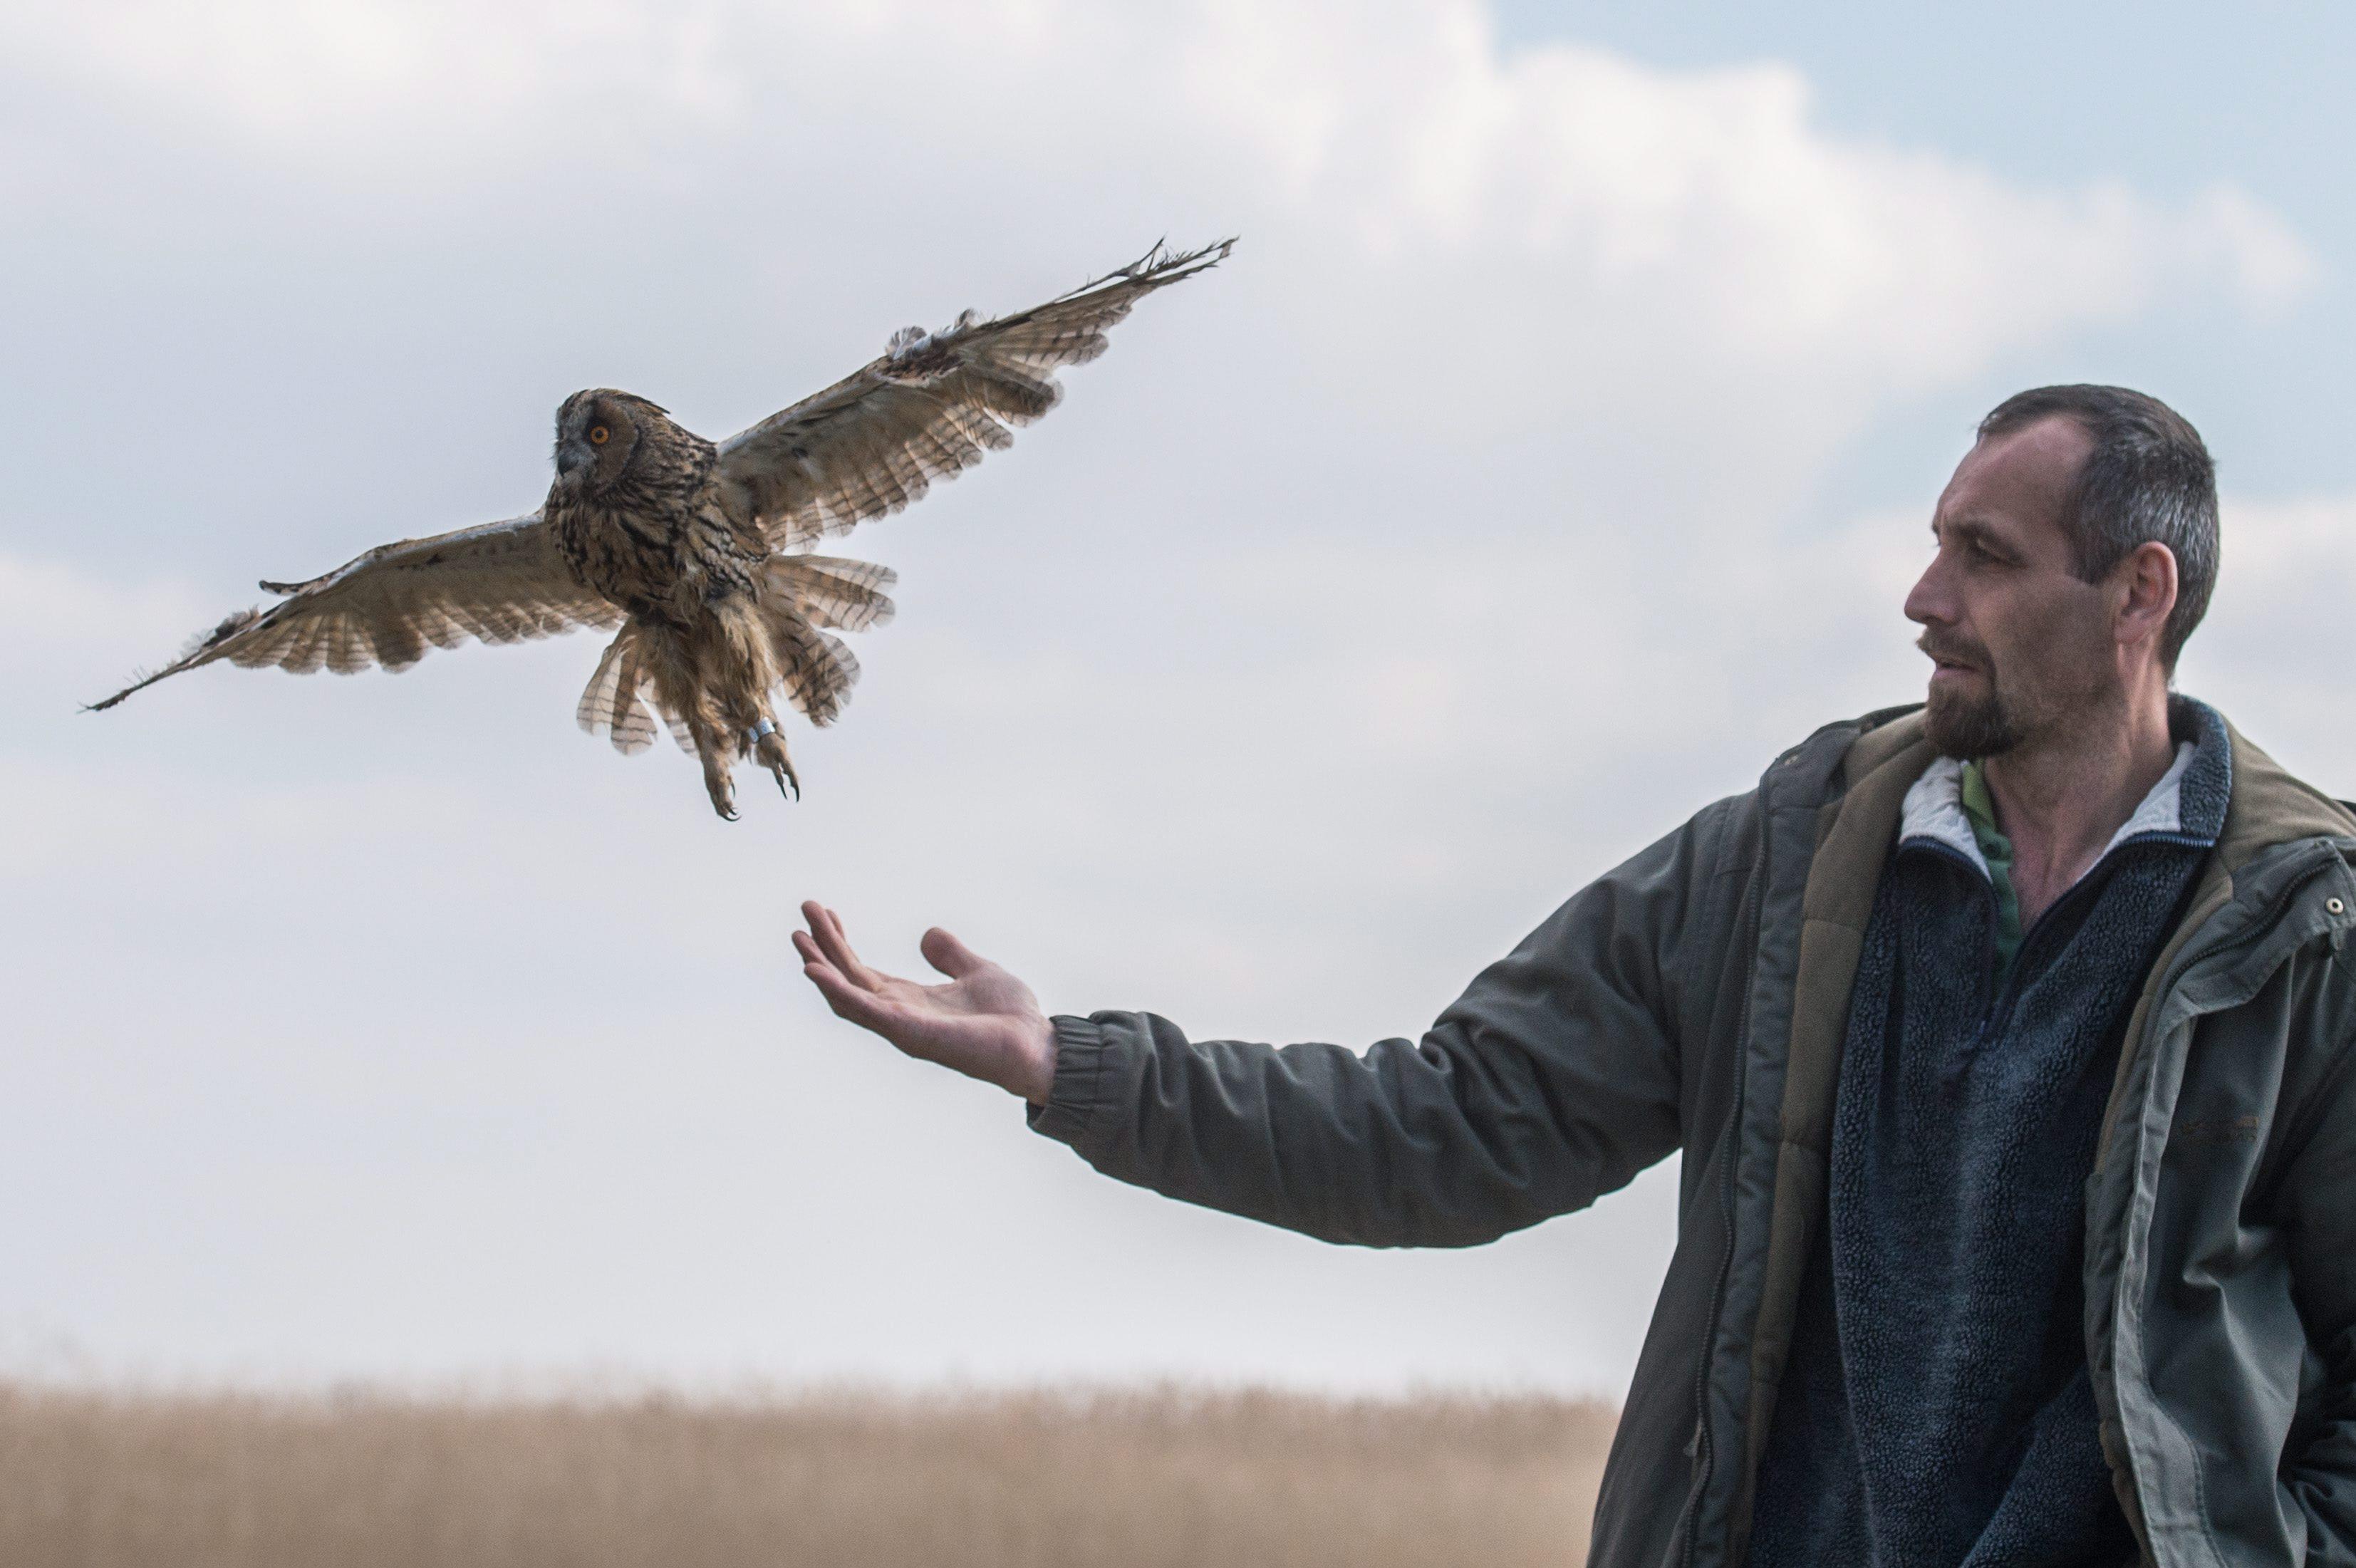 Izsák, 2016. március 17. Németh Ákos, a Kolon-tavi madárvárta vezetõje egy fülesbaglyot enged szabadon Izsák határában 2016. március 17-én. MTI Fotó: Ujvári Sándor